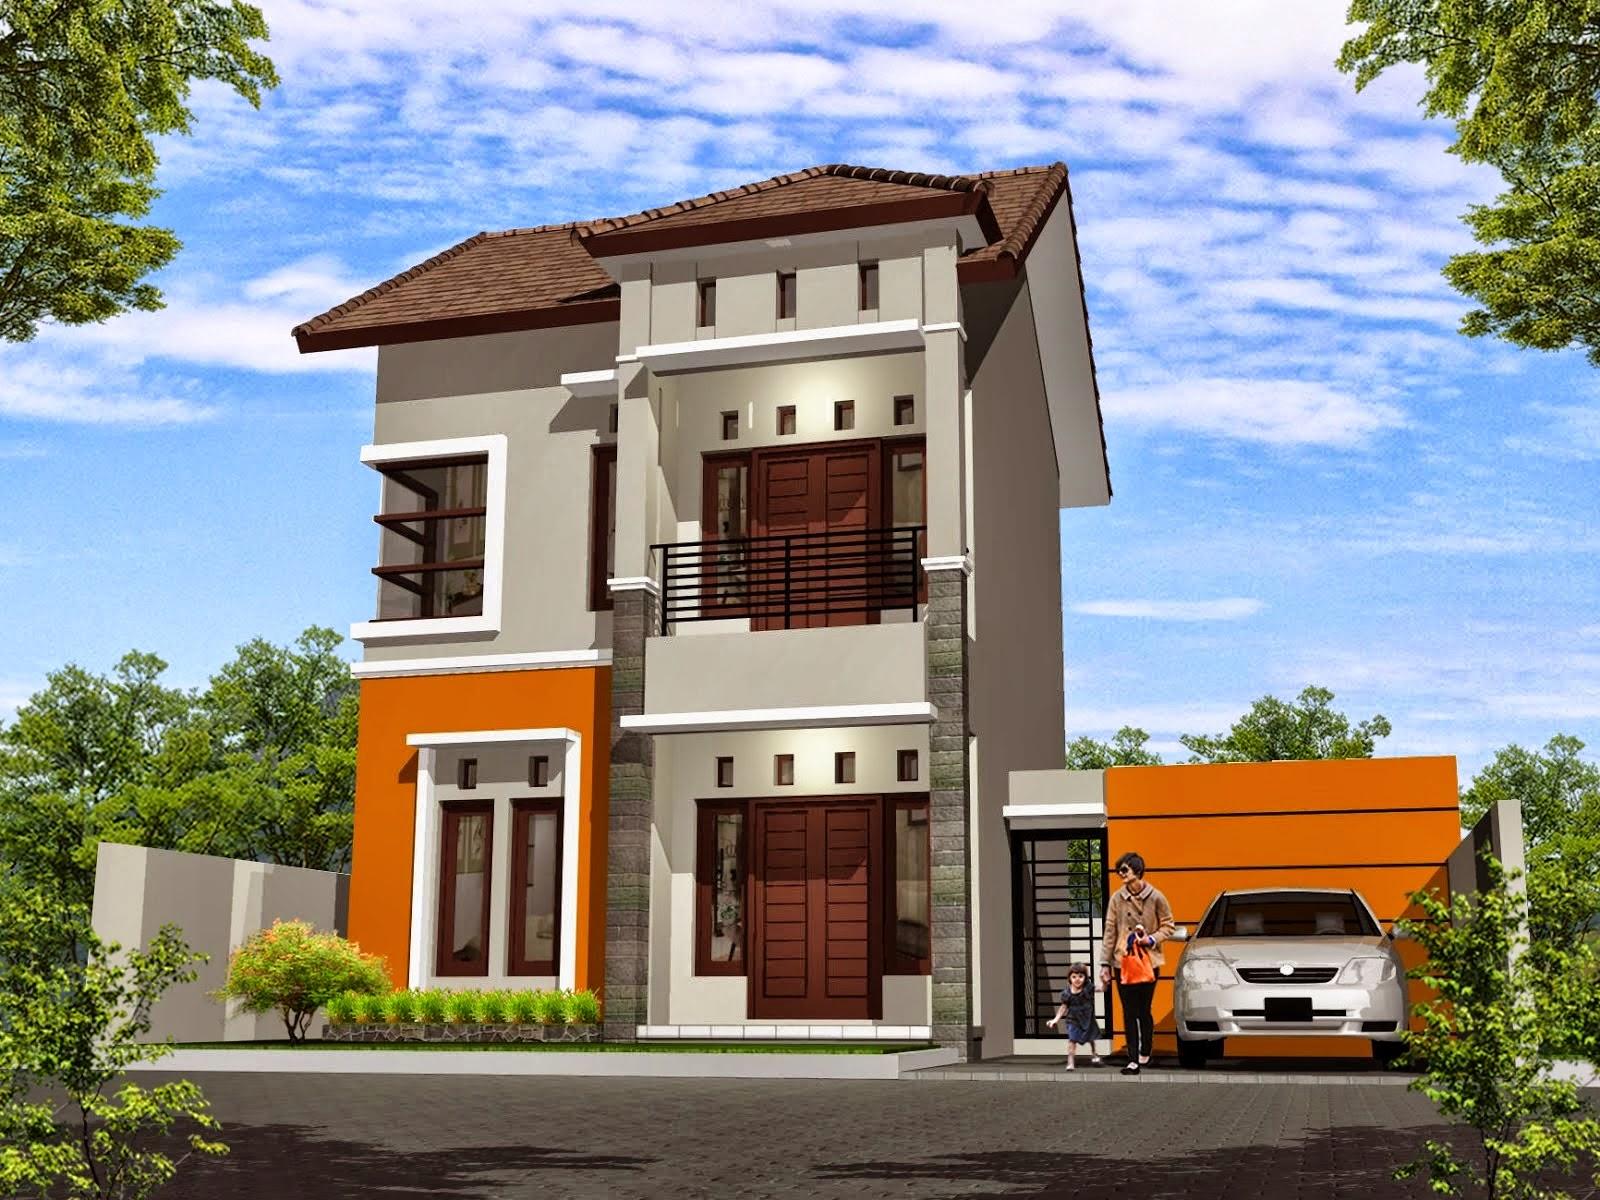 Gambar Gambar Desain Teras Rumah Minimalis 2 Lantai Terbaru Desain